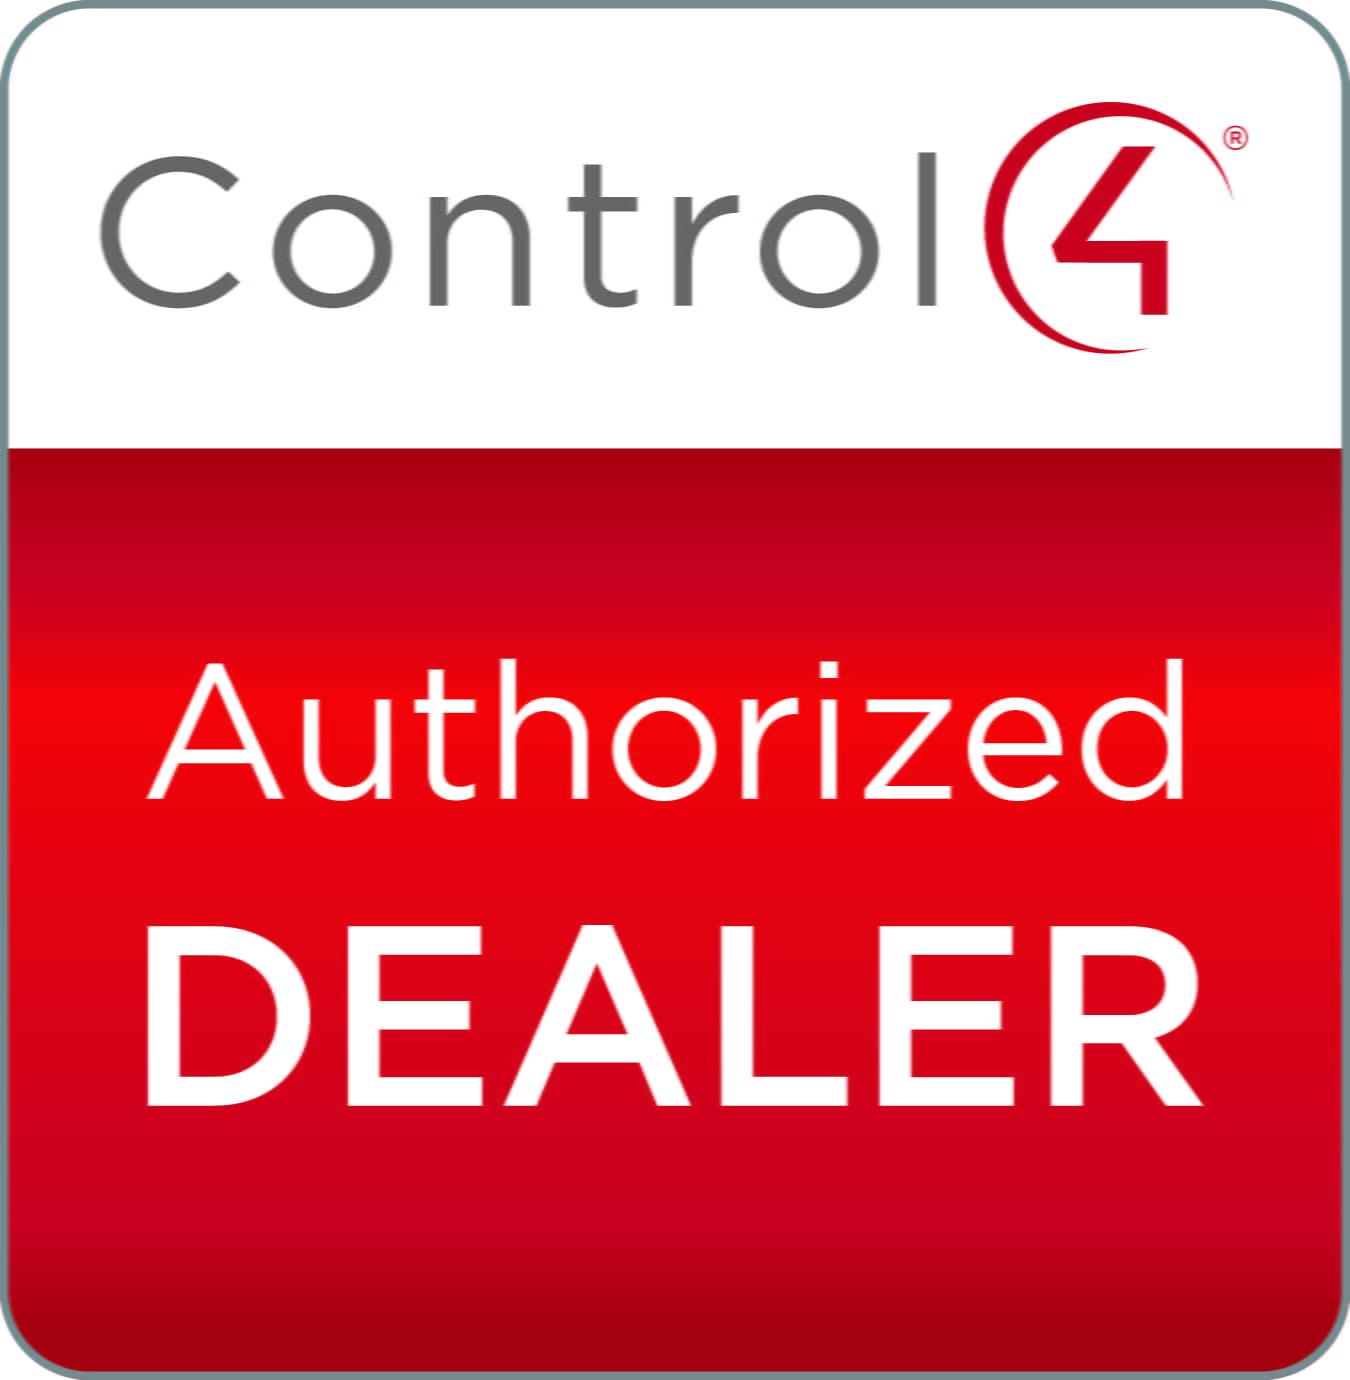 Control4 Dealer Authorized